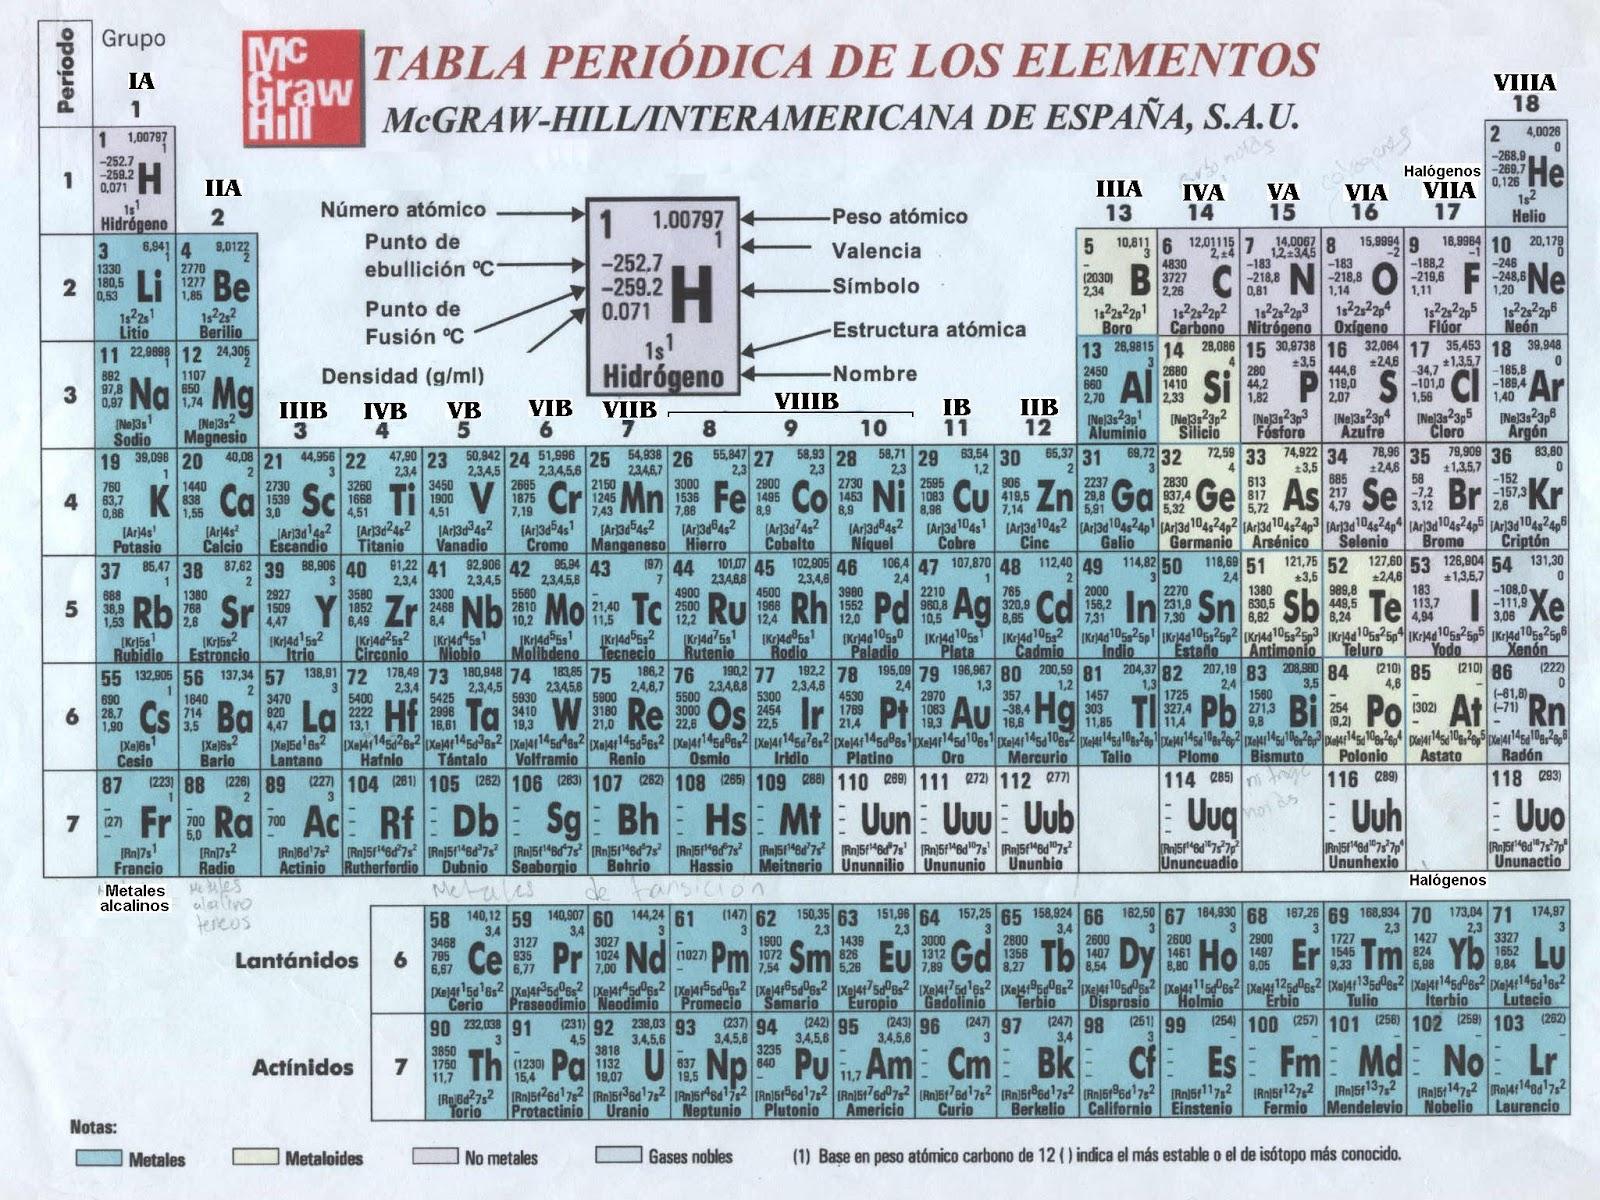 Best lista de metales y no metales de la tabla peridica image la tabla peridica de los elementos tabla periodica lista de metales urtaz Choice Image